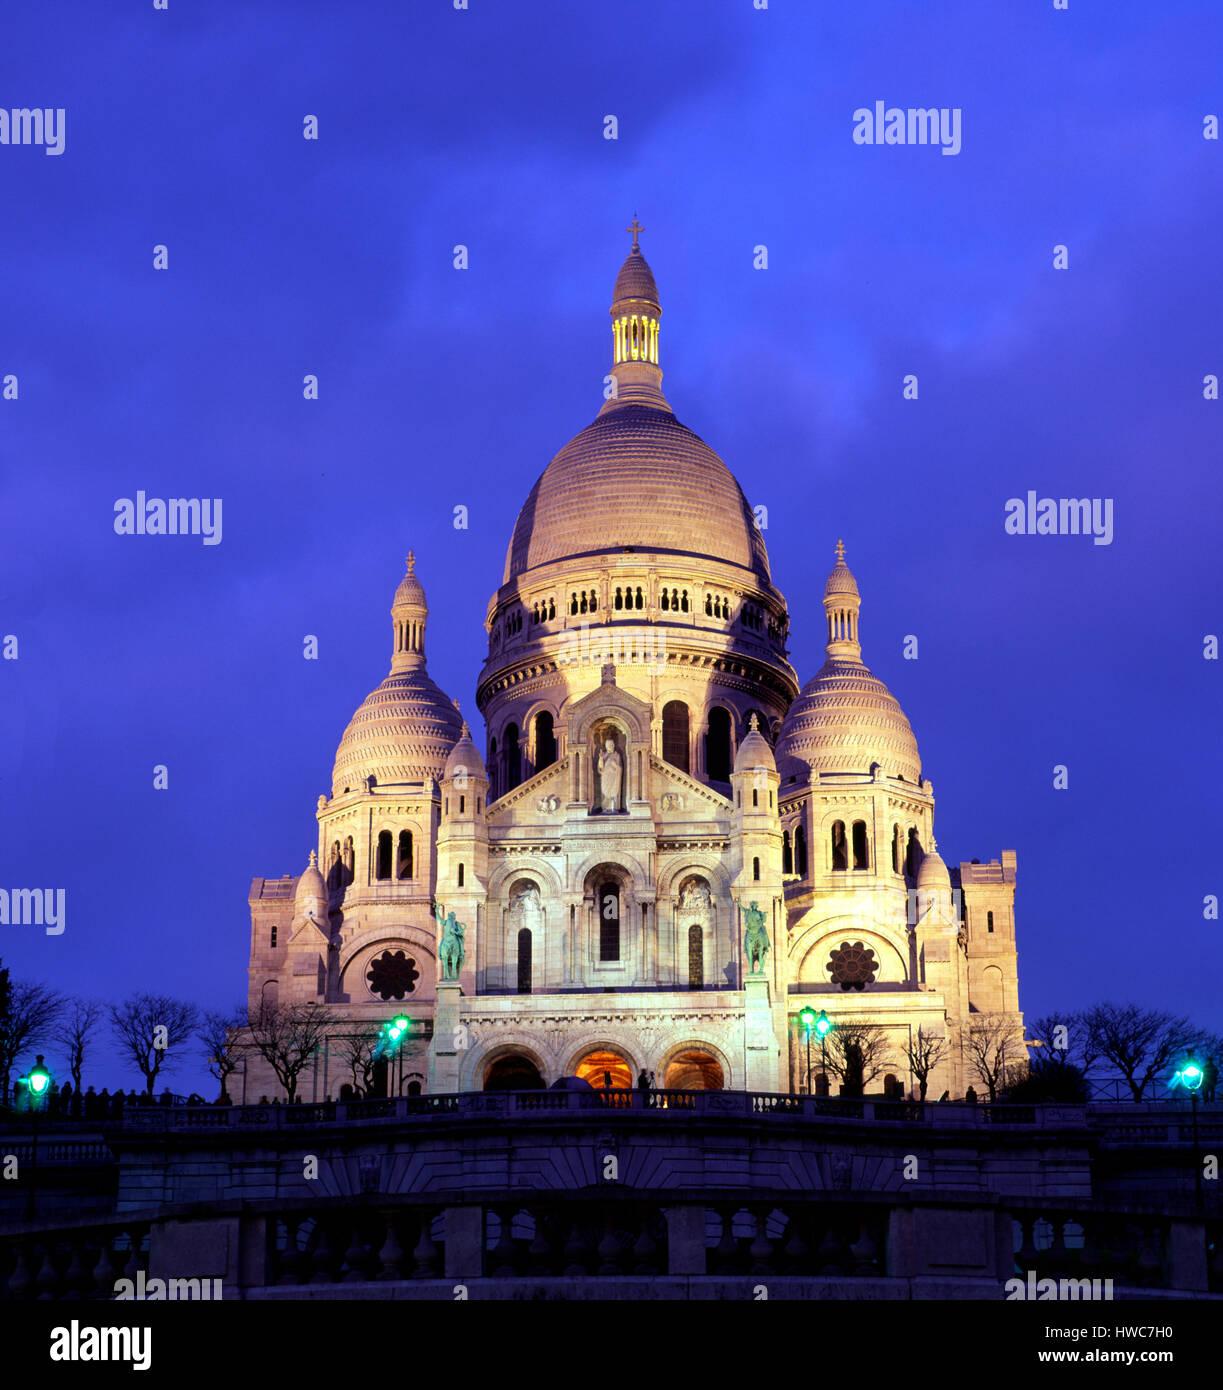 Sacre Coeur at dusk, Montmartre, Paris, France - Stock Image